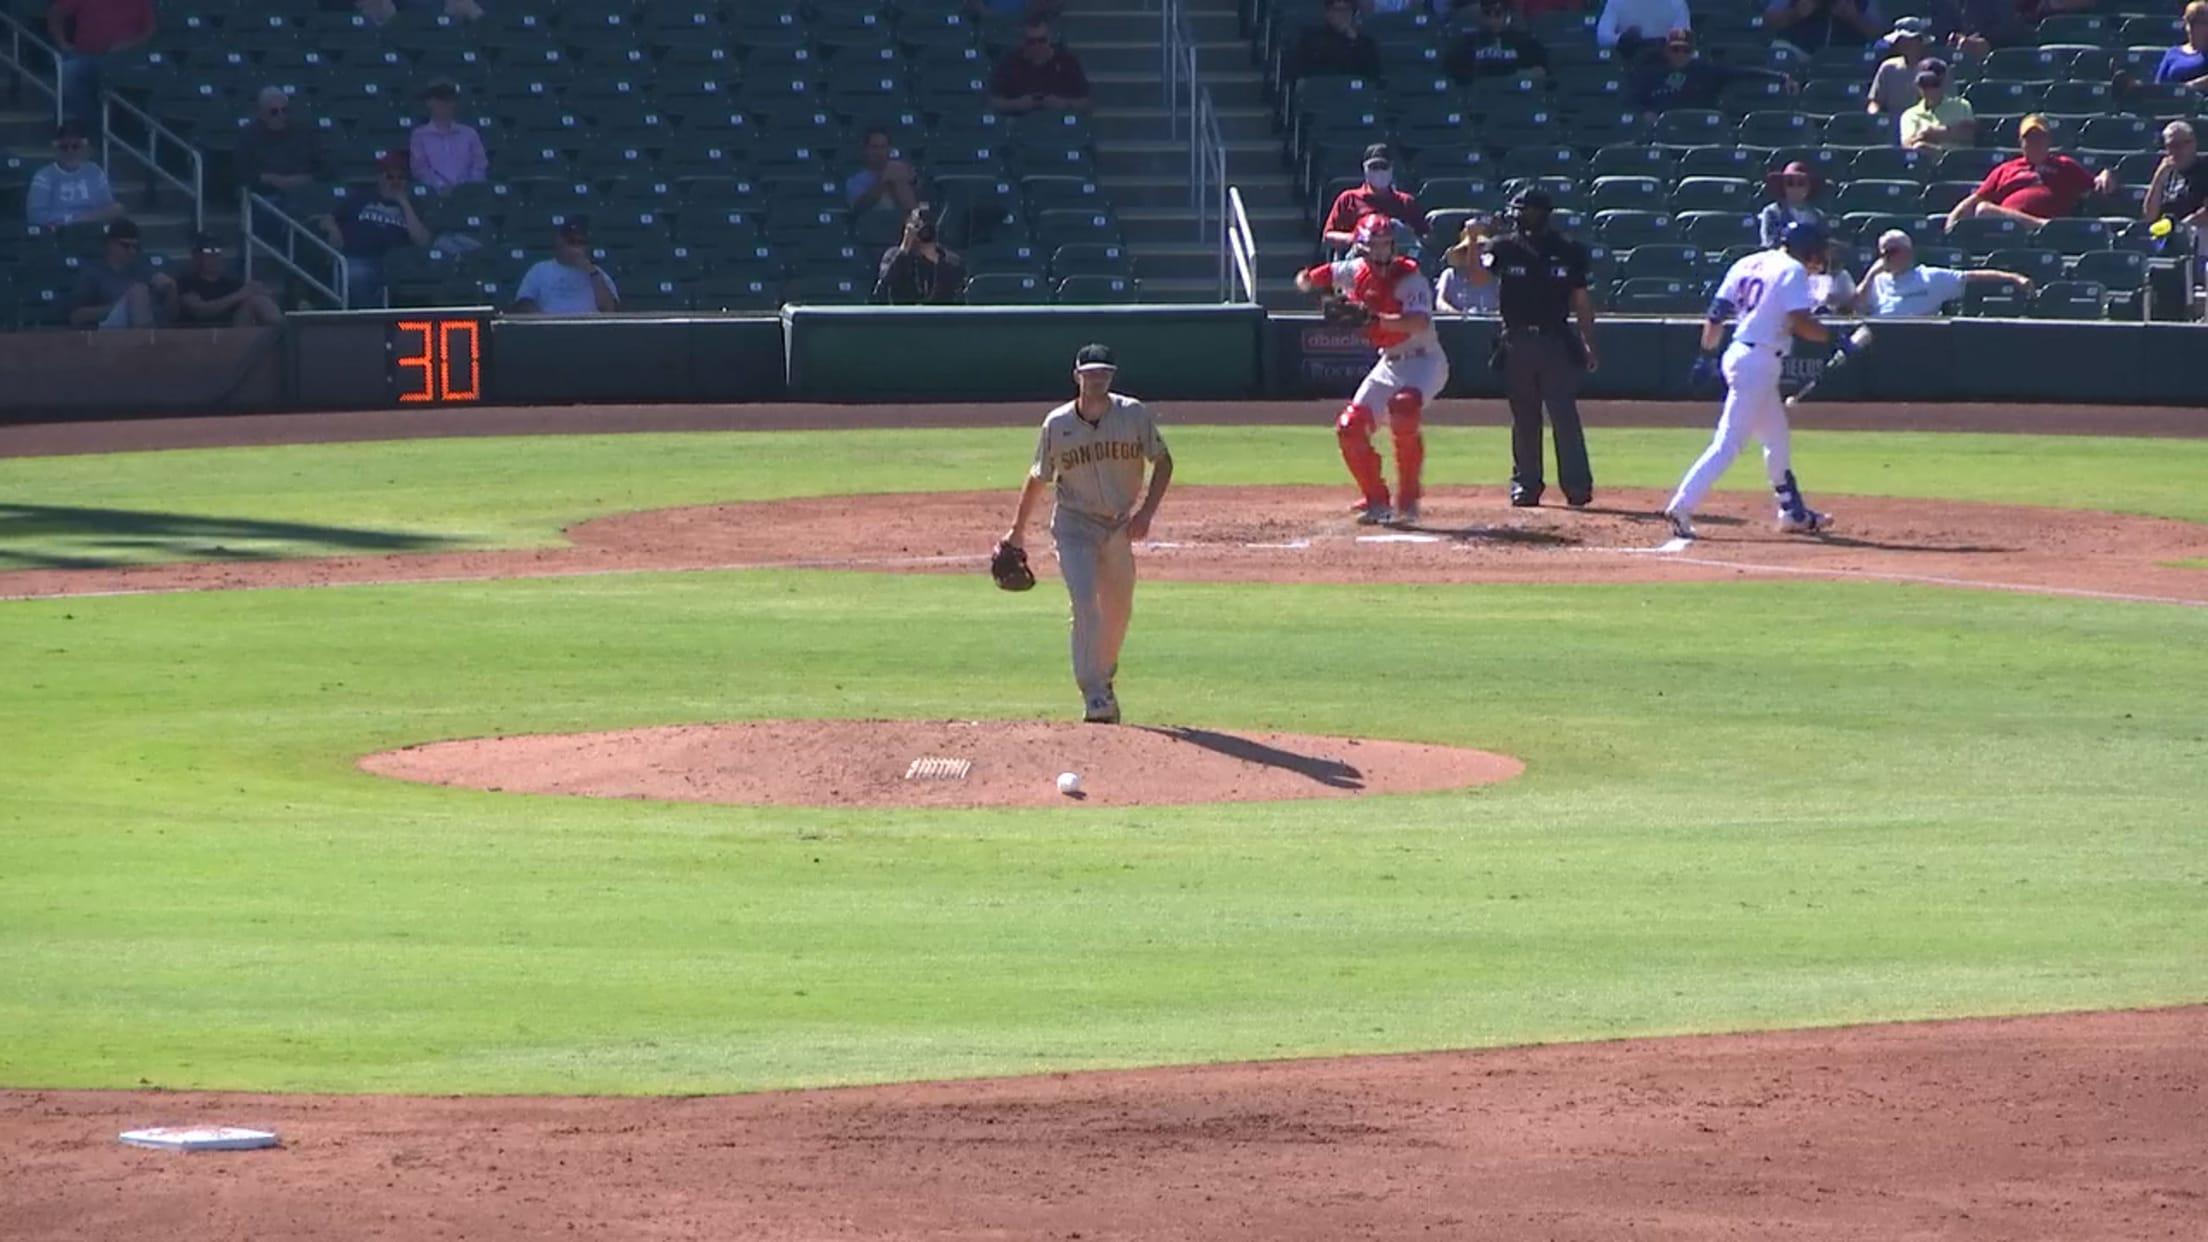 MacKenzie Gore deals five innings